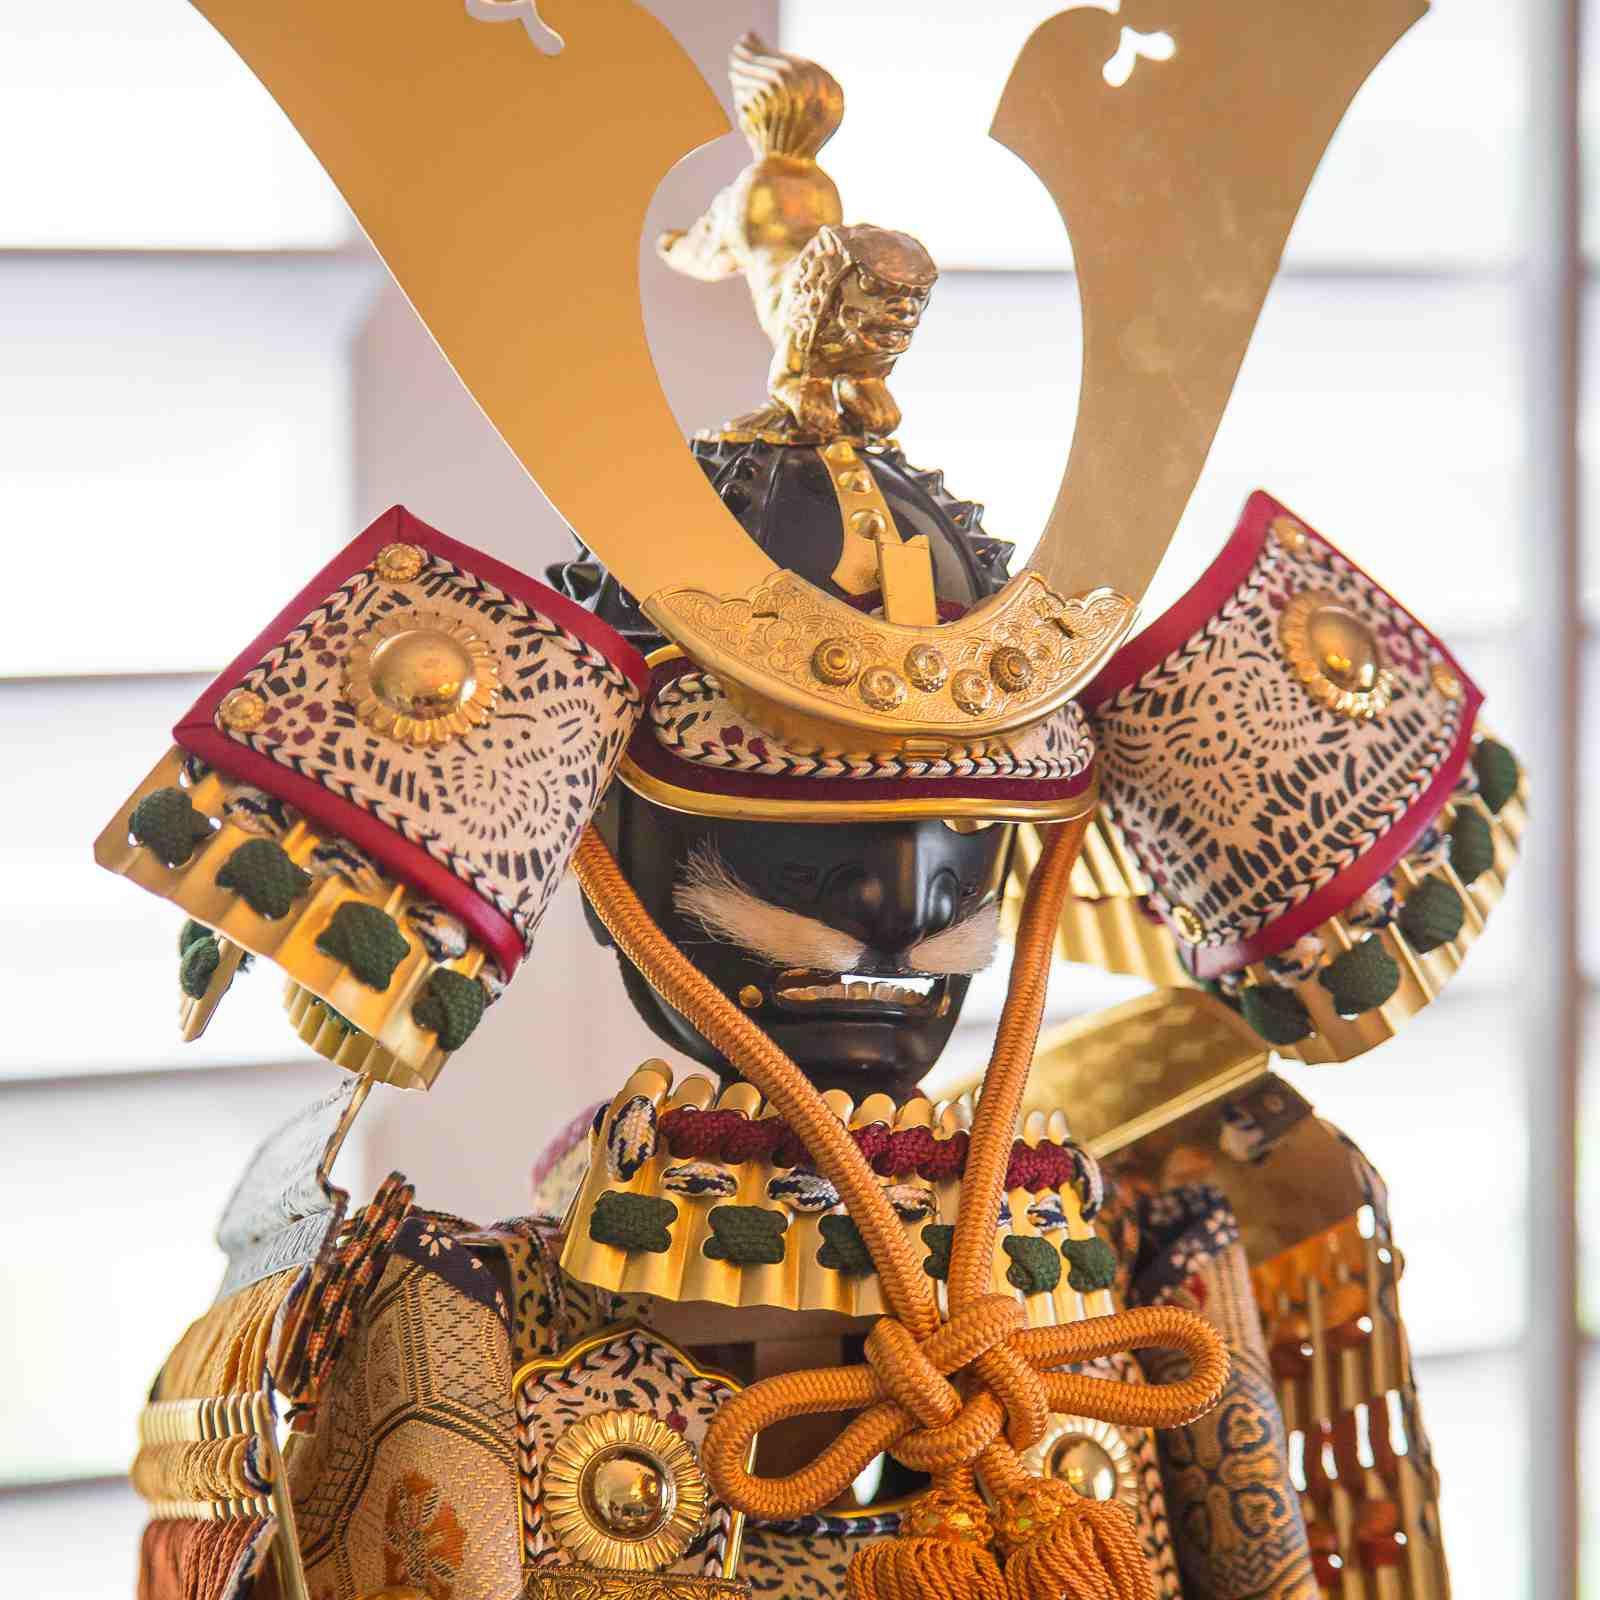 Gogatsu ningyo (Samurai soll) shown with Kabuto (Warrior Helmet)